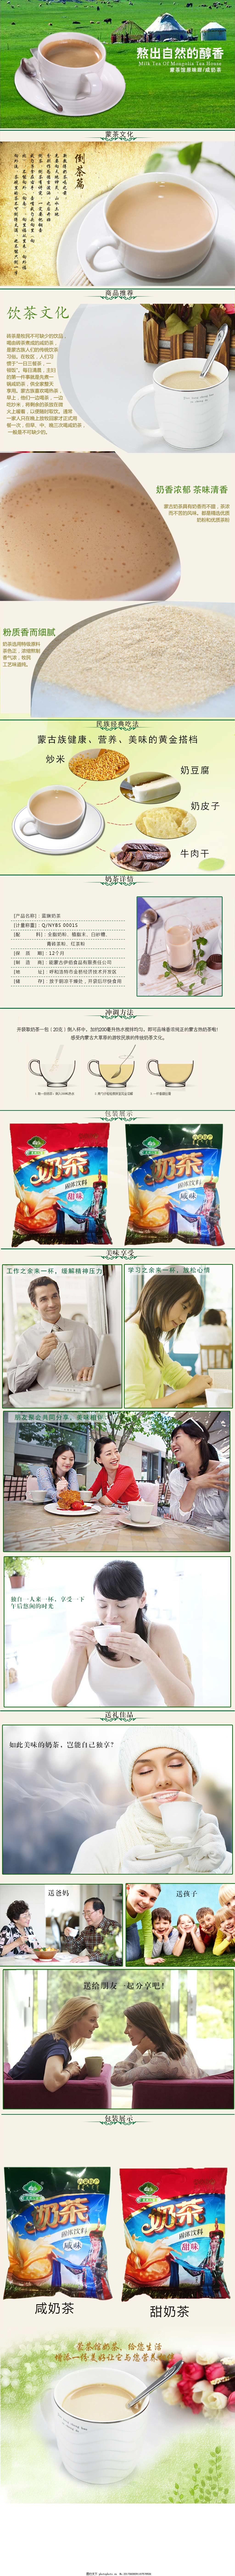 奶茶详情页淘宝电商 蒙古奶茶 饮品 草原